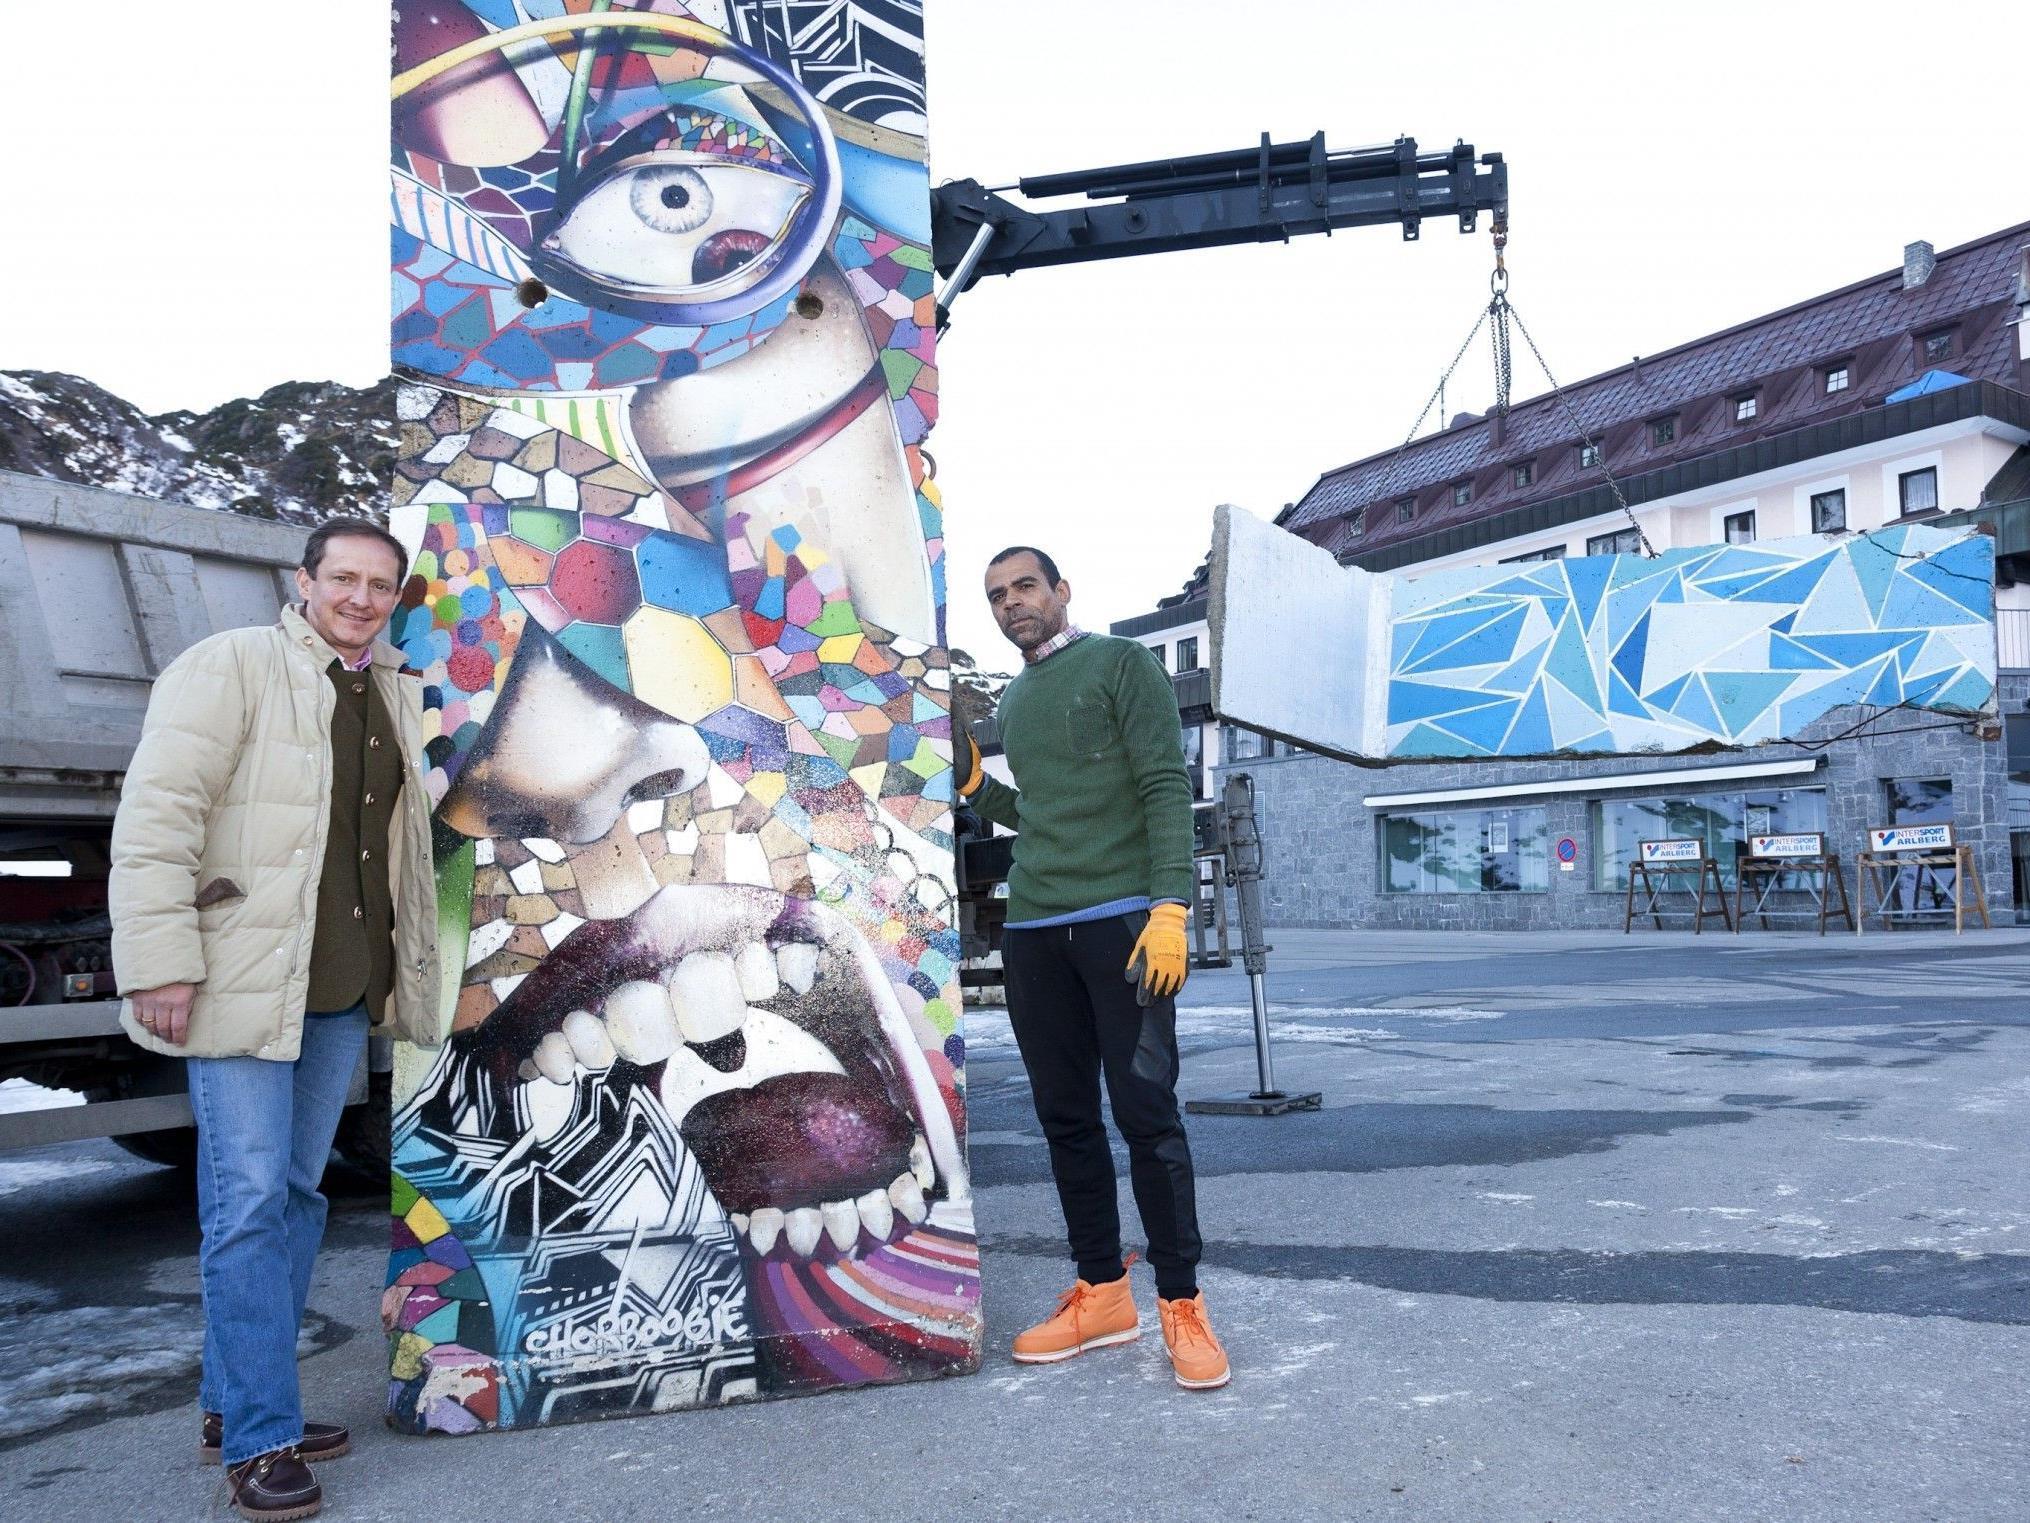 Kunstquartier-Initiator und Hotelier Florian Werner mit Patrice Lux von der LuxPopArt Group freuen sich über die Kooperation.